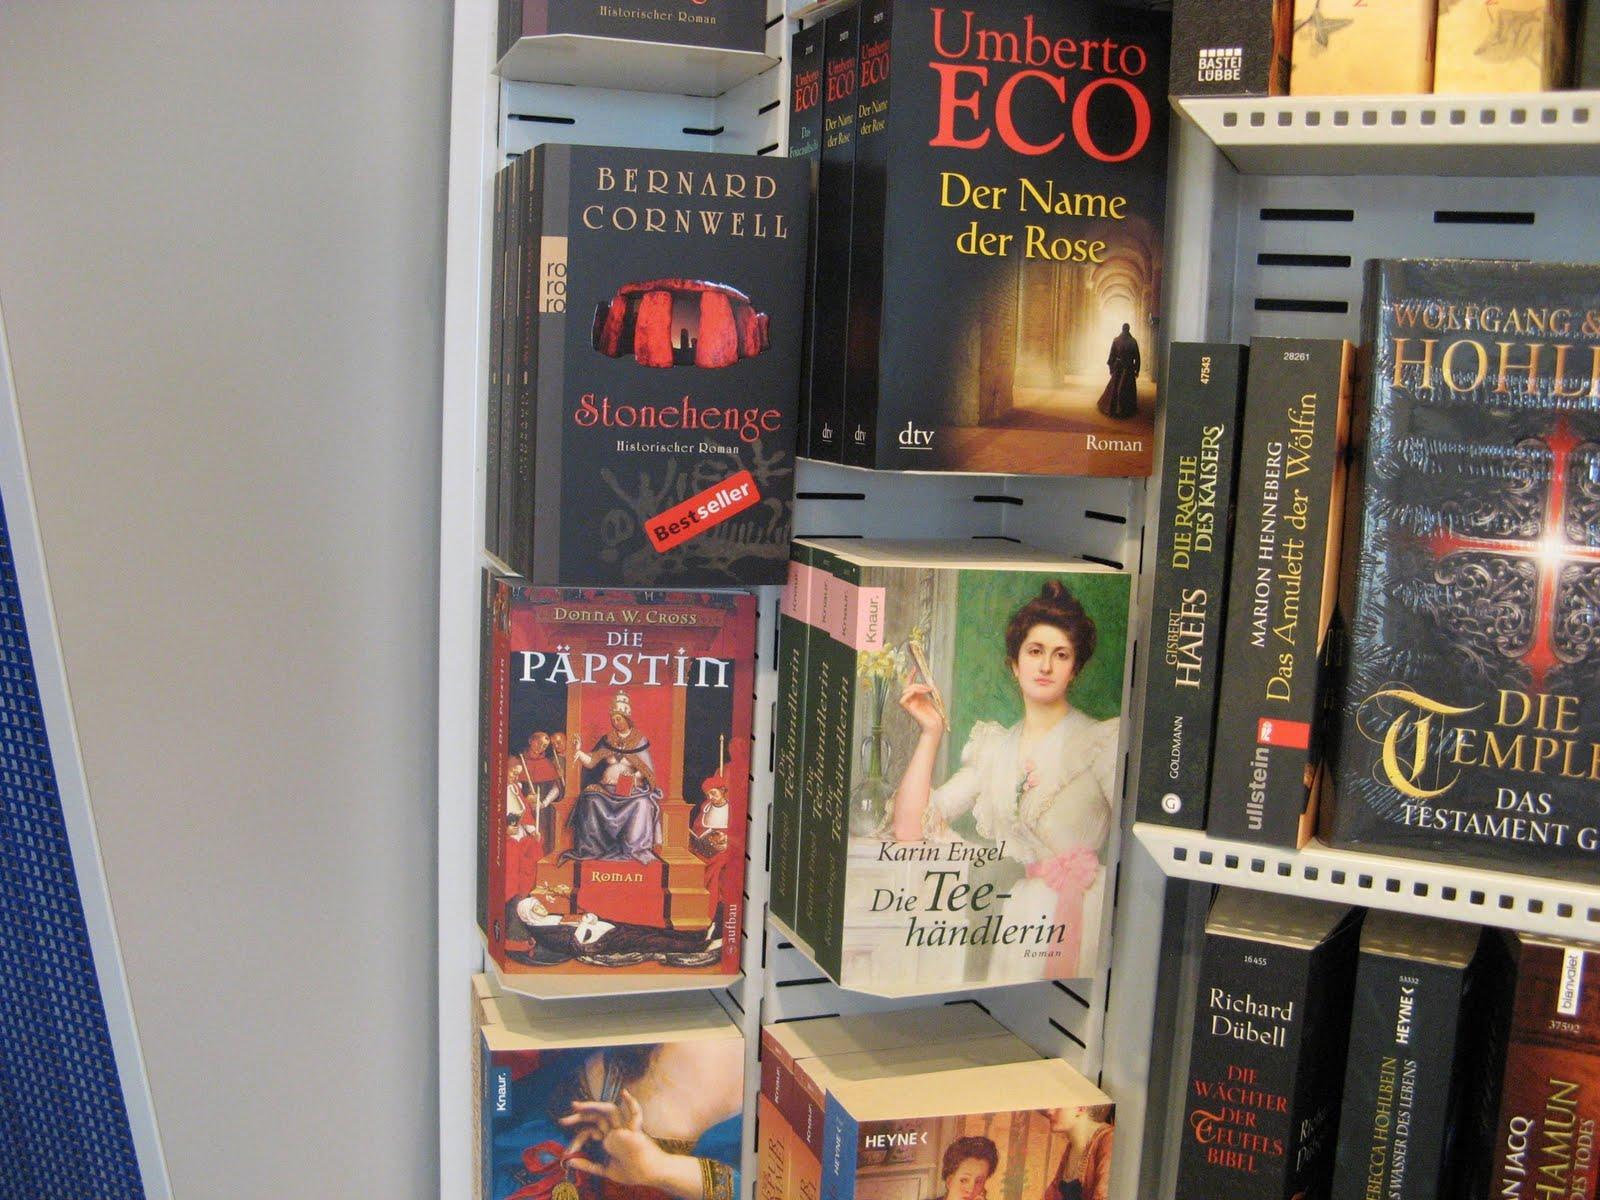 historischer roman aachen